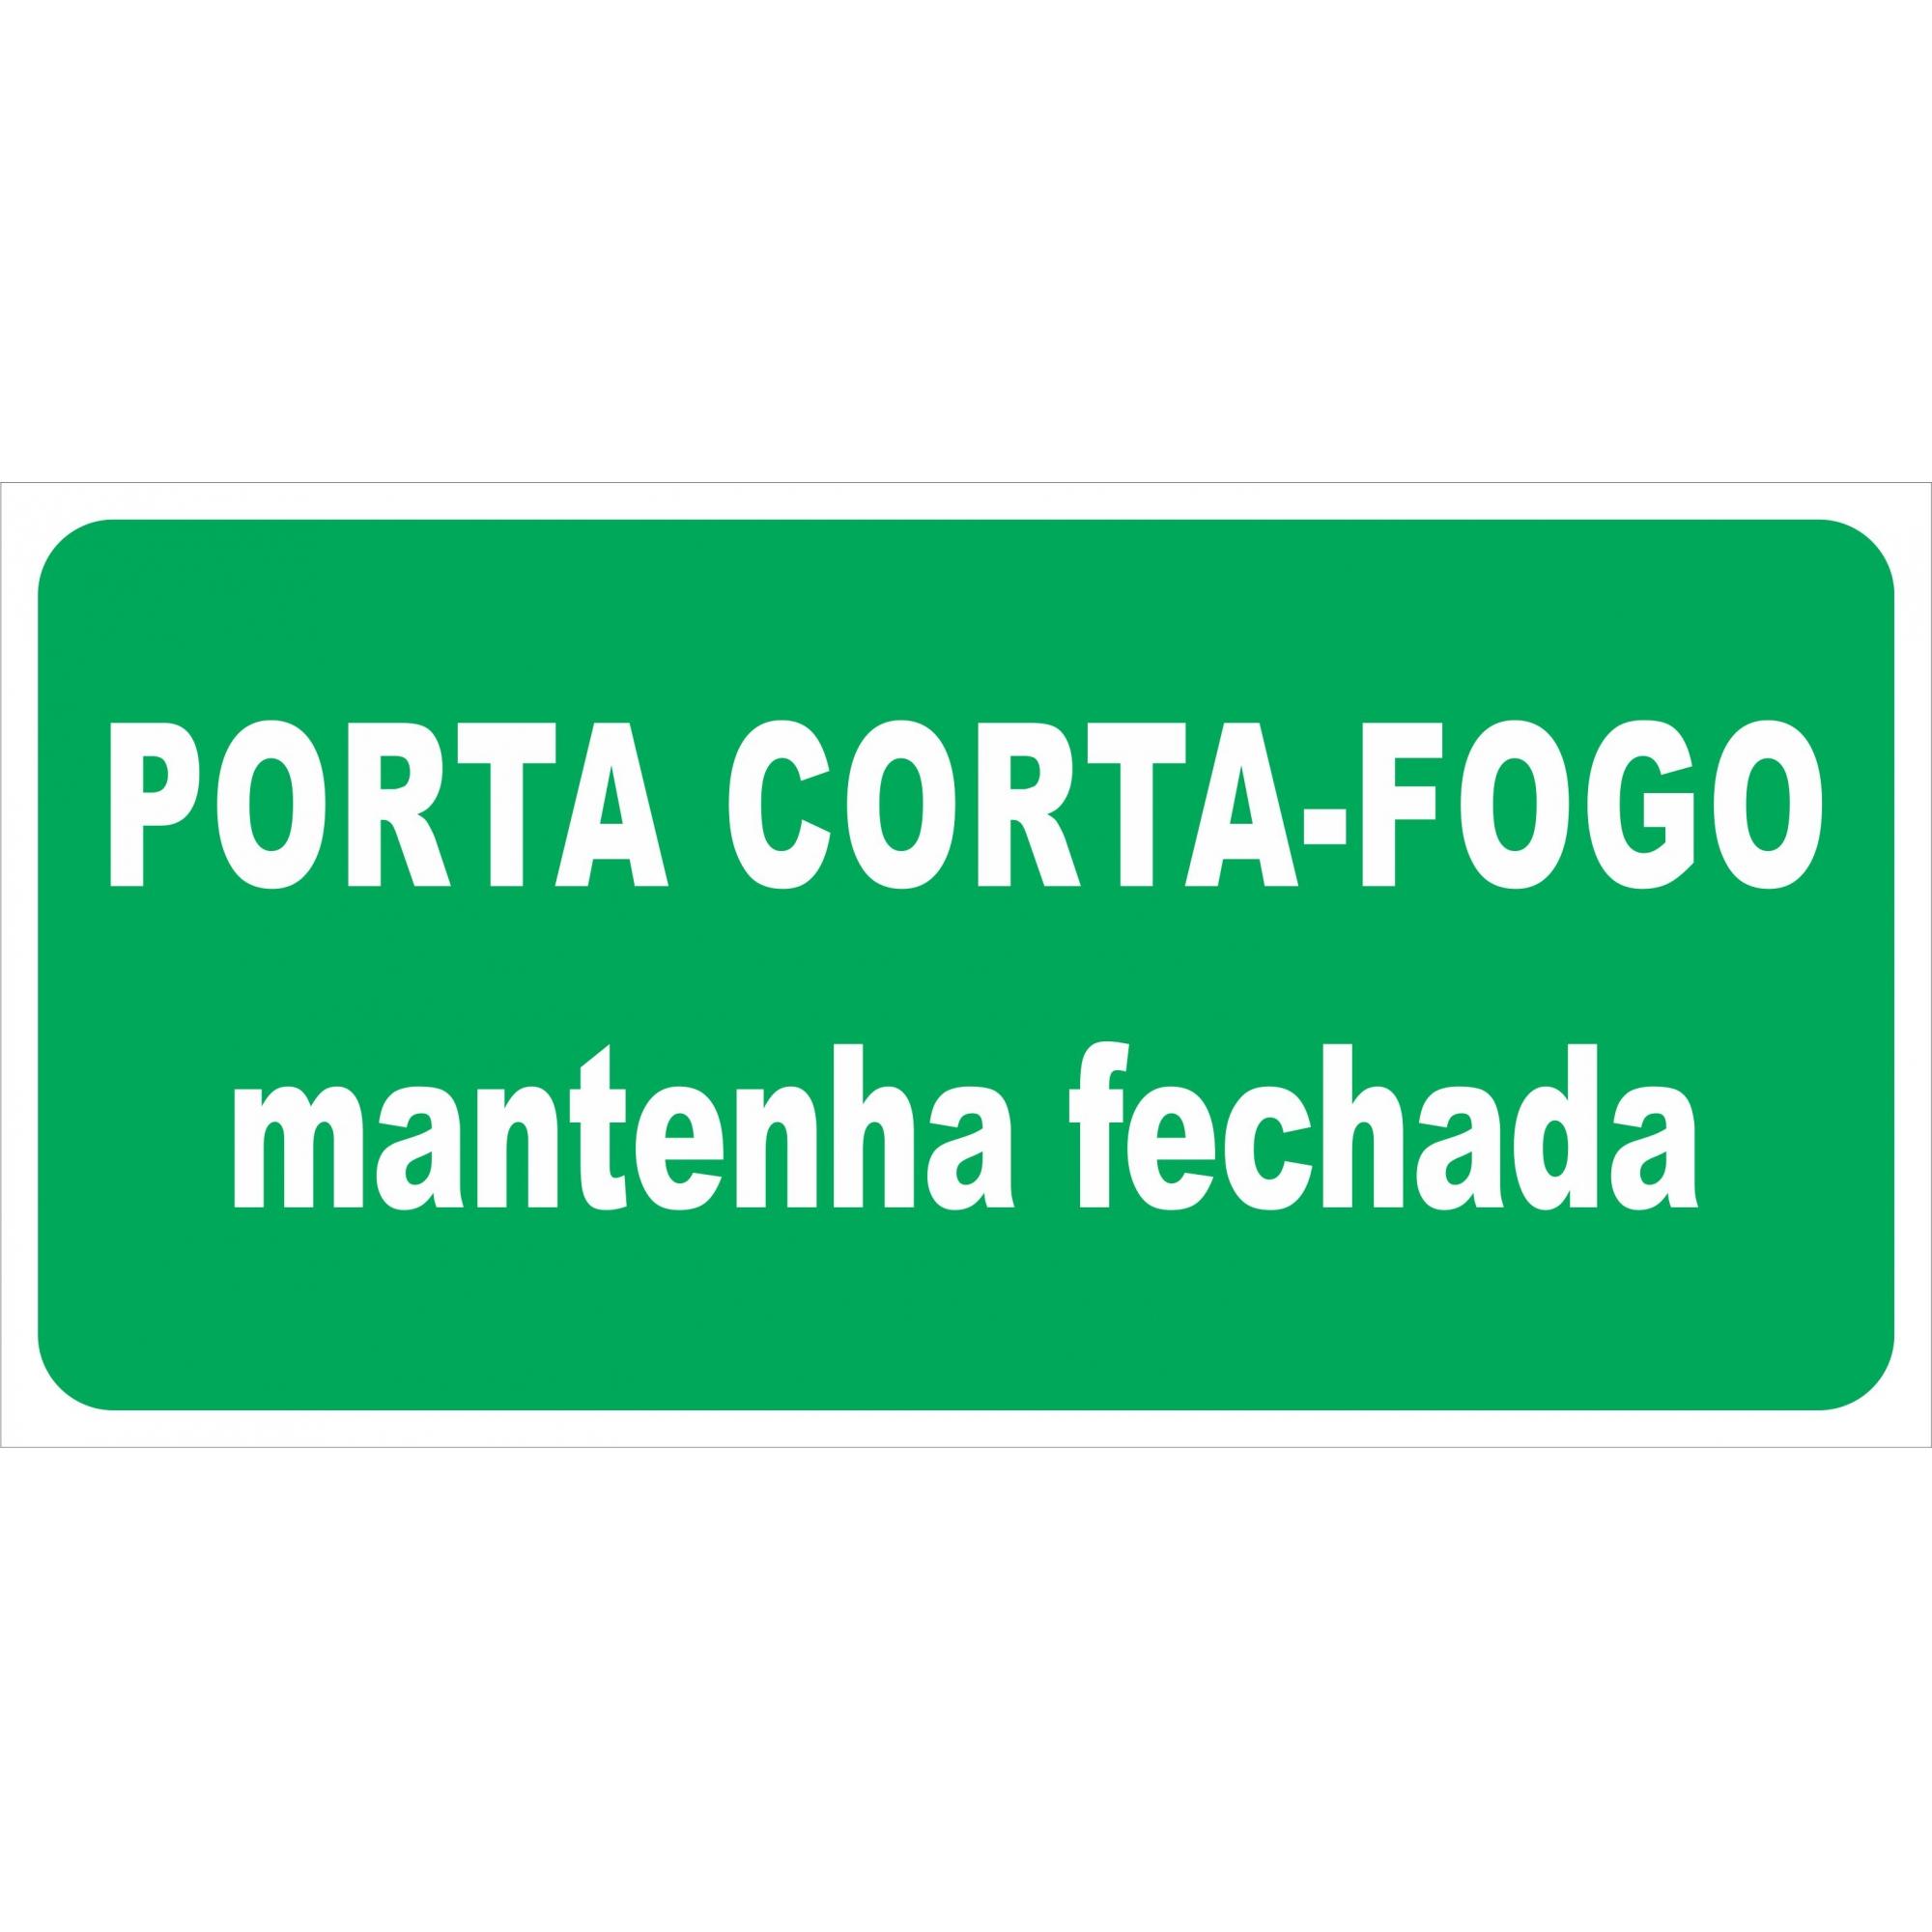 Placa de Porta Corta Fogo - M 4